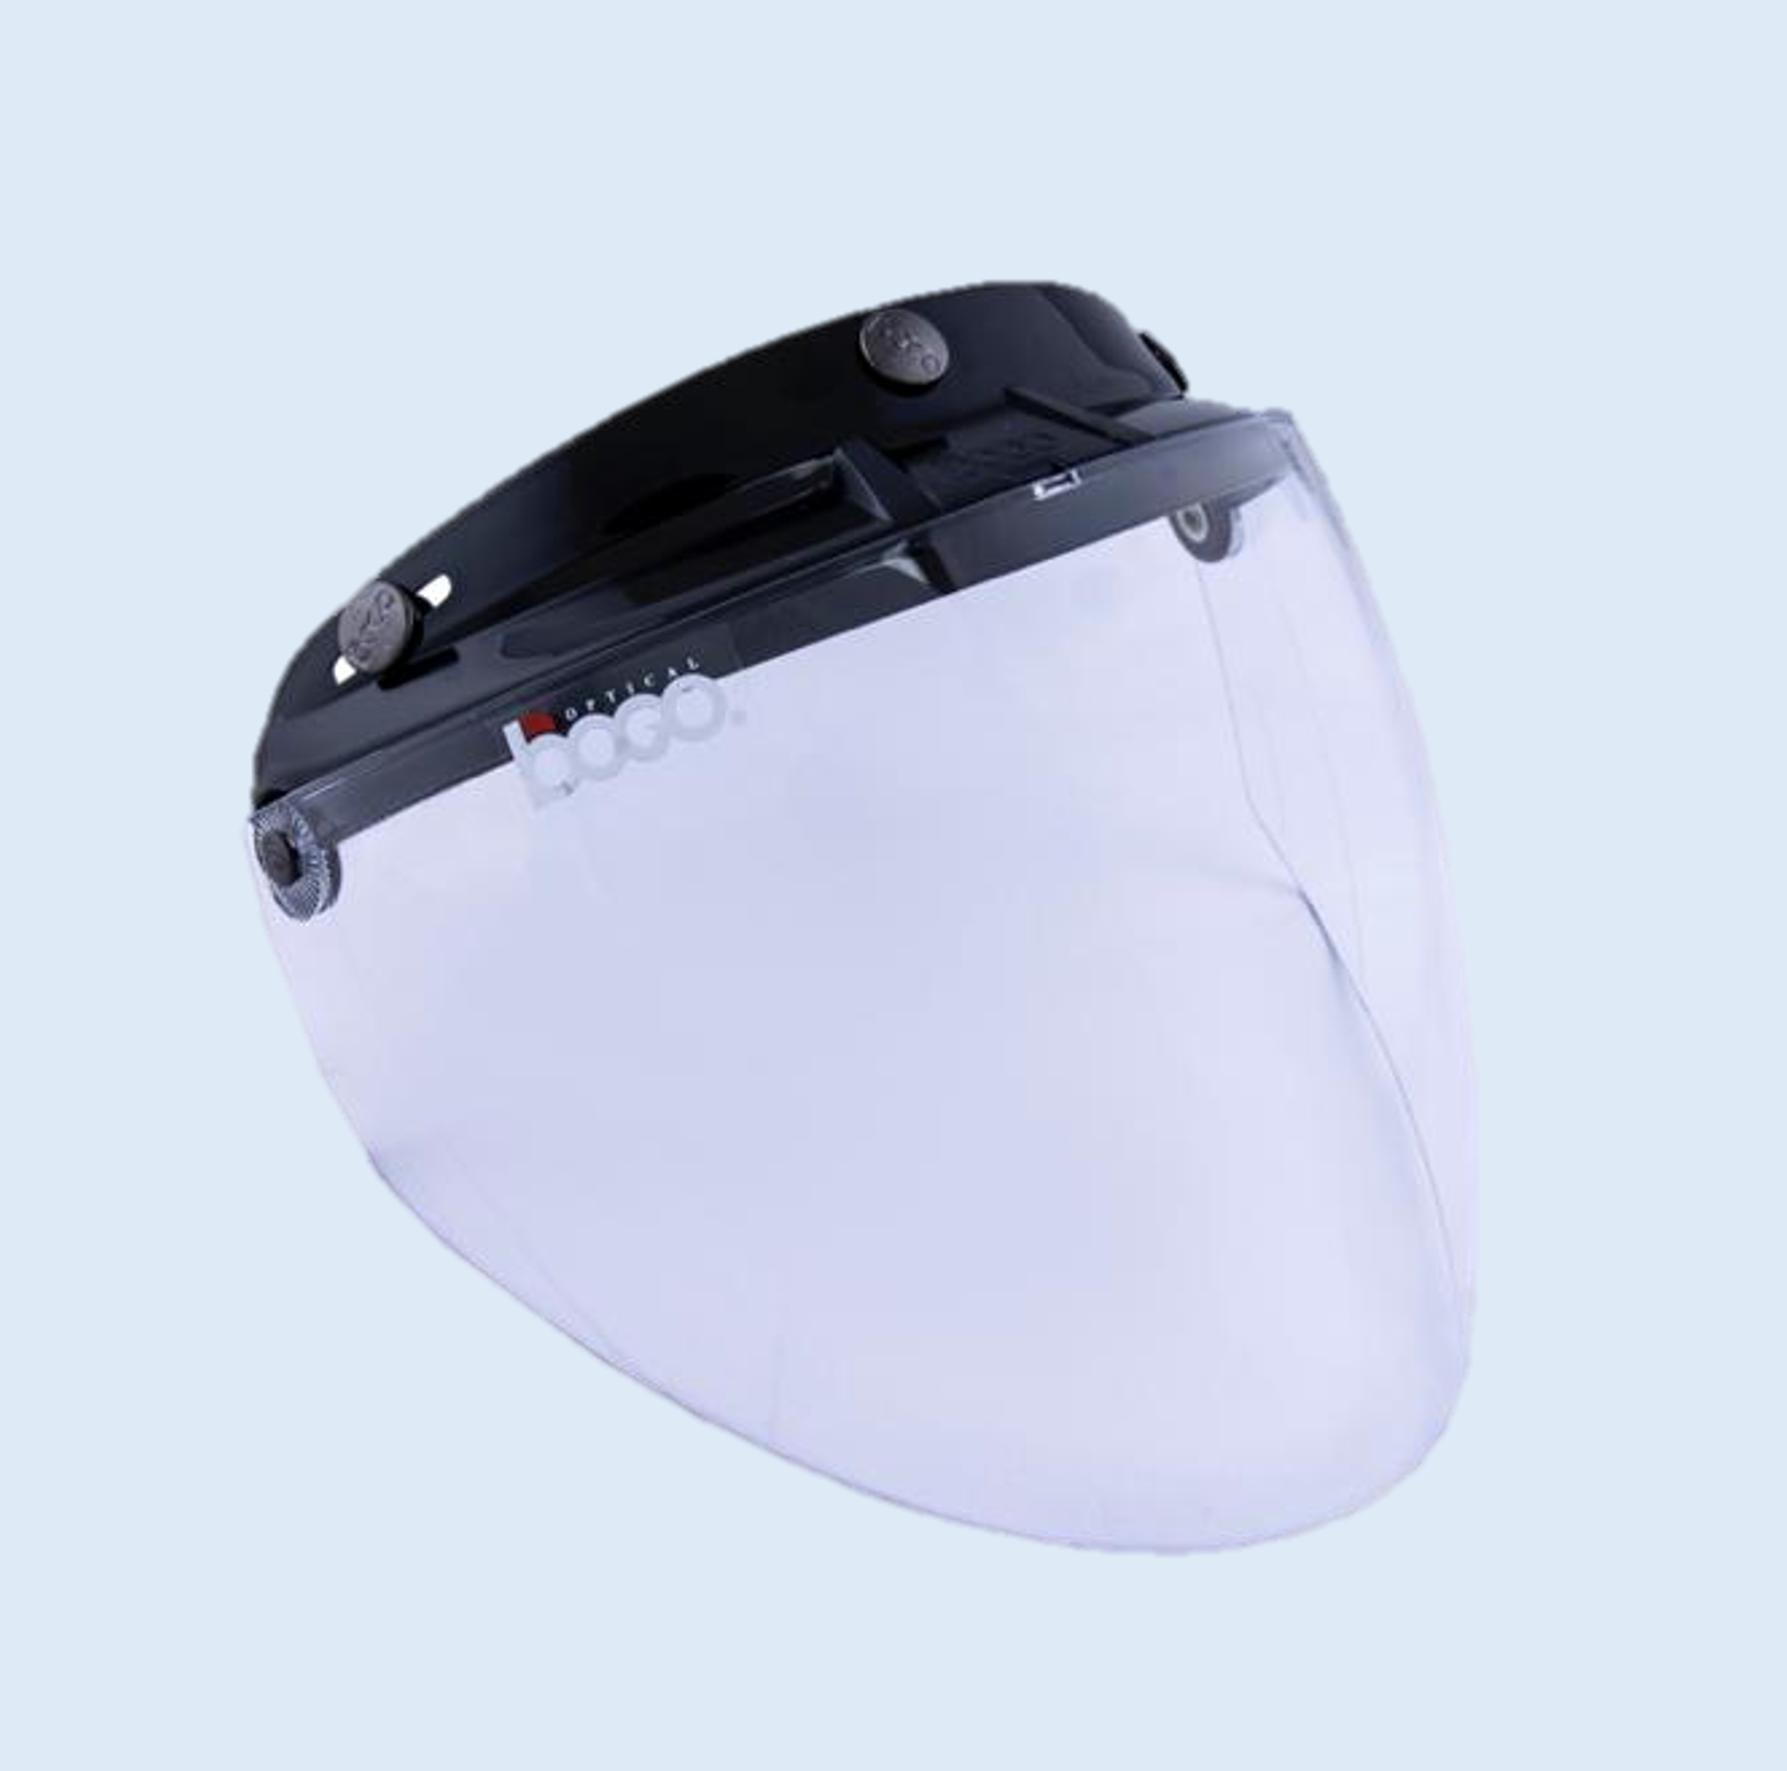 BOGO ジェットシールド フリップアップ 開閉式 ベース付き クリアー BG25-B2